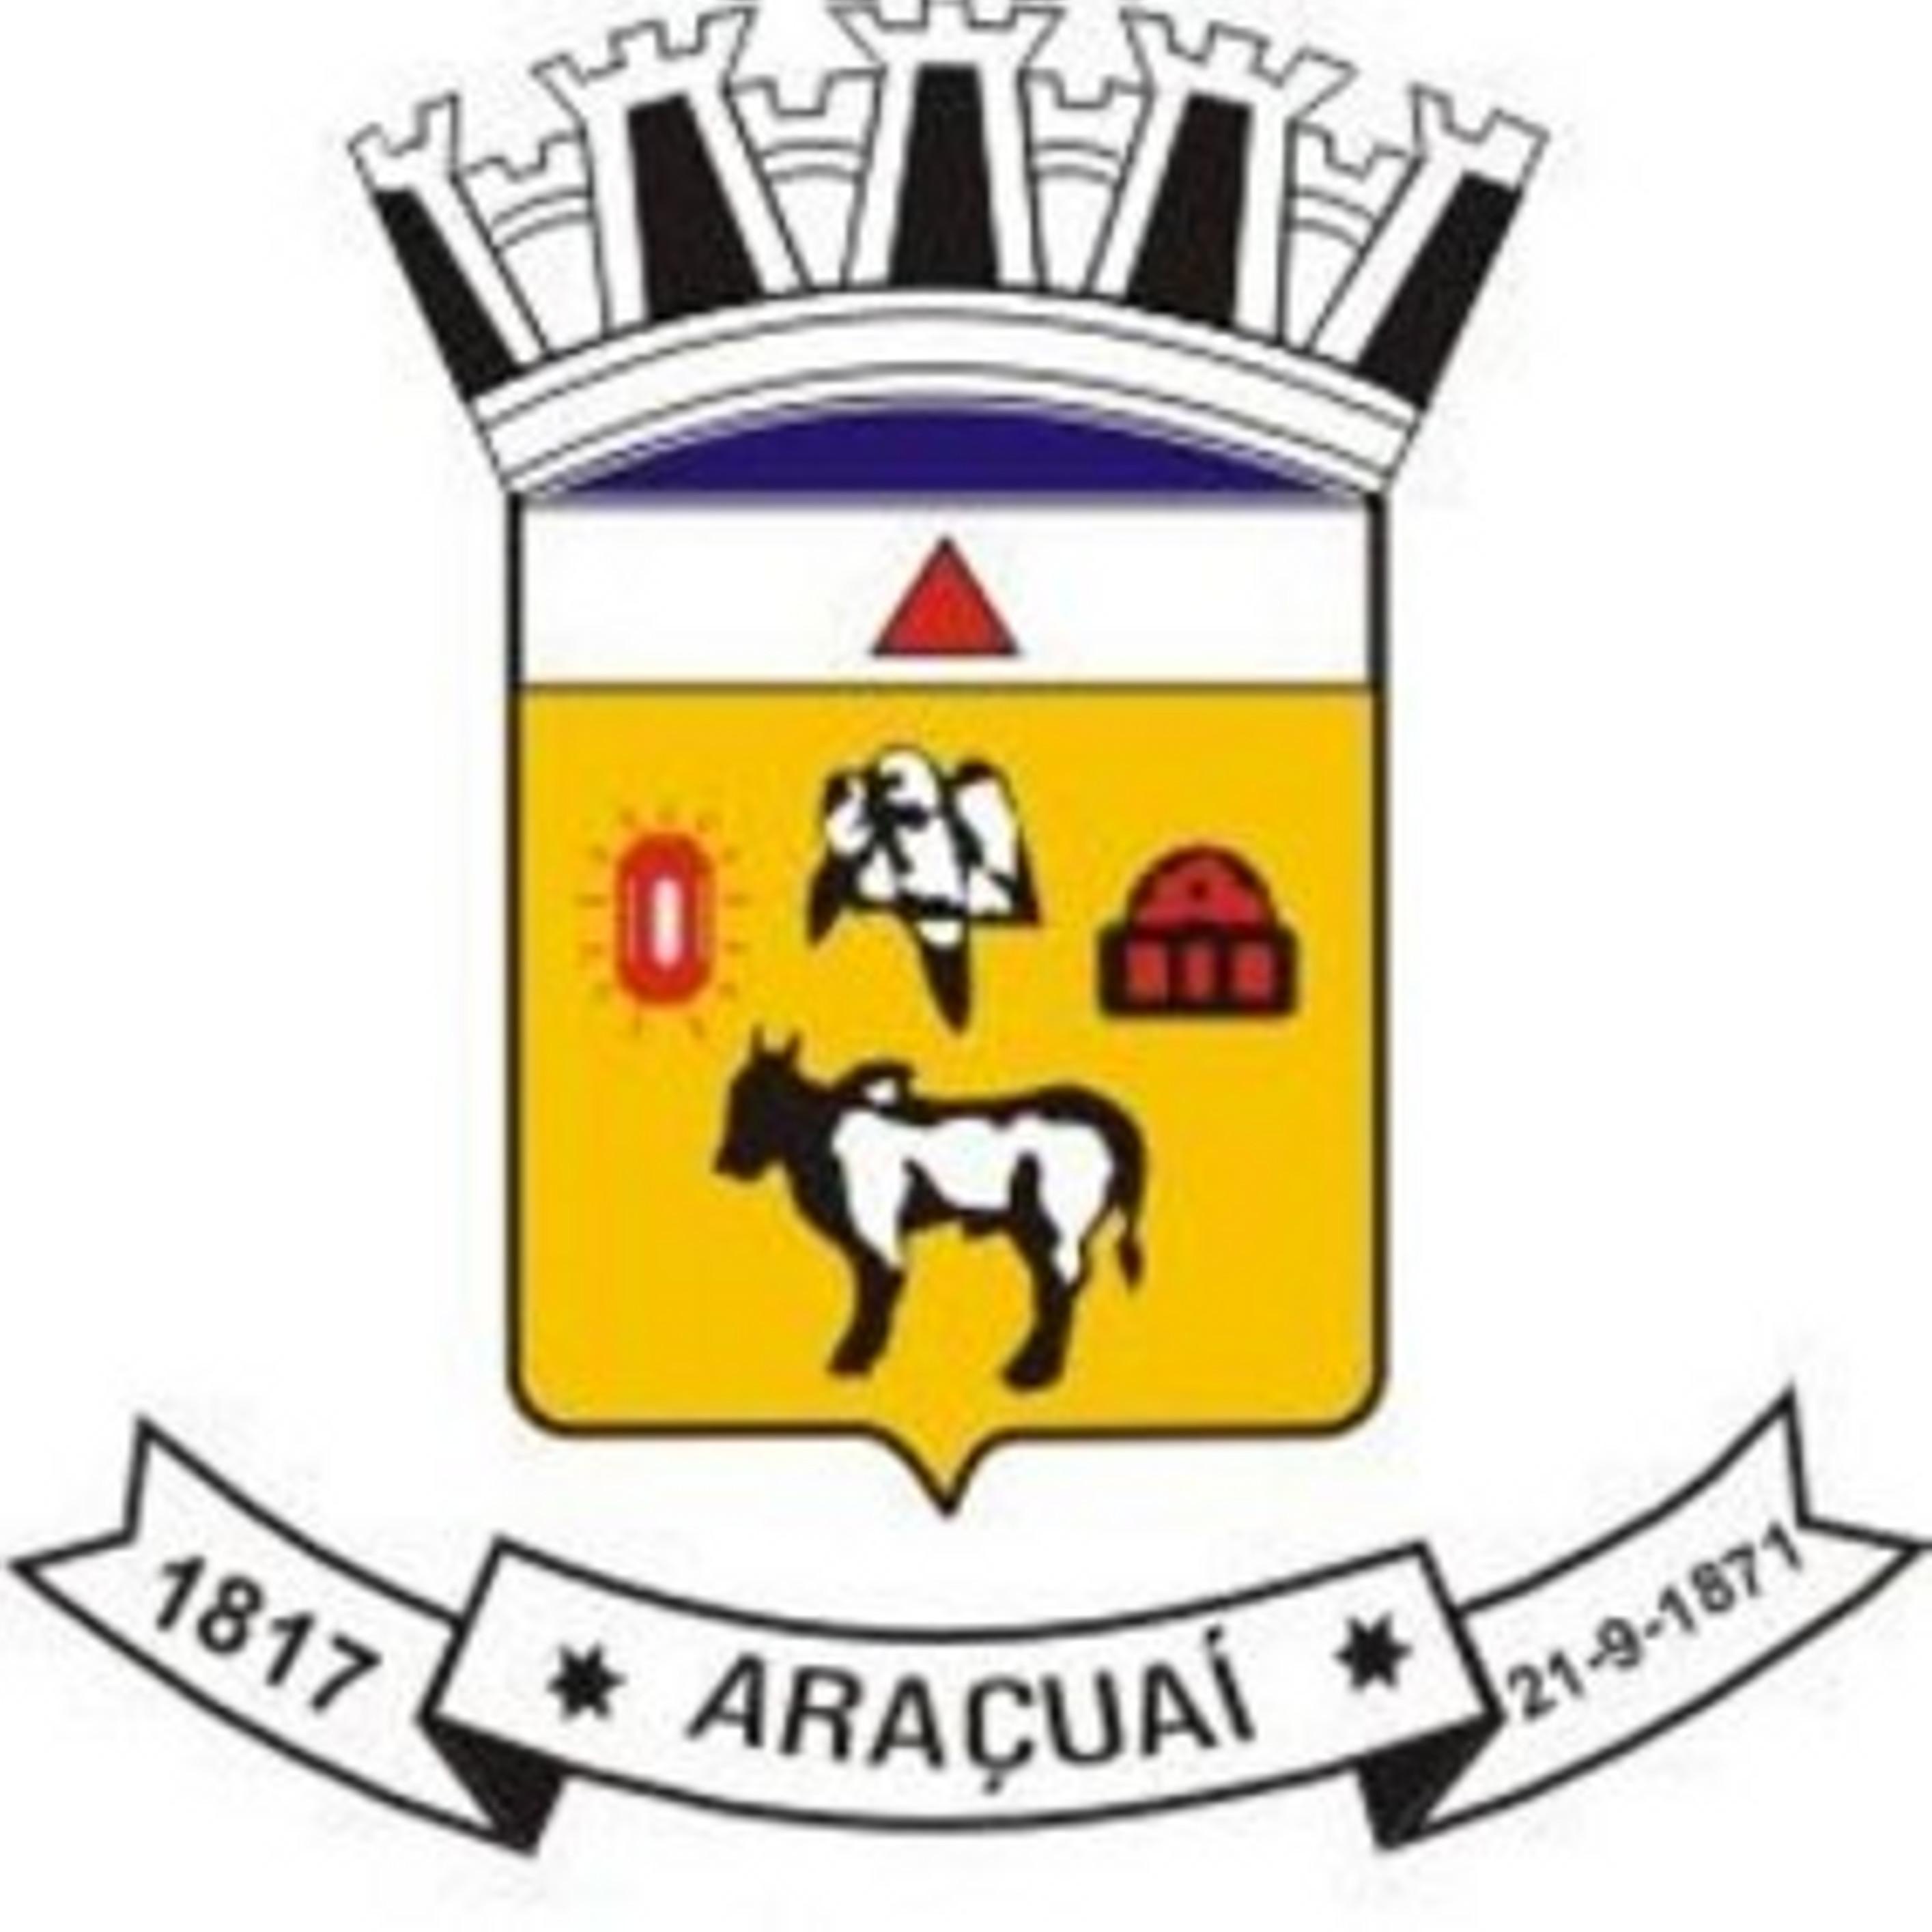 CÂMARA MUNICIPAL DE ARAÇUAI